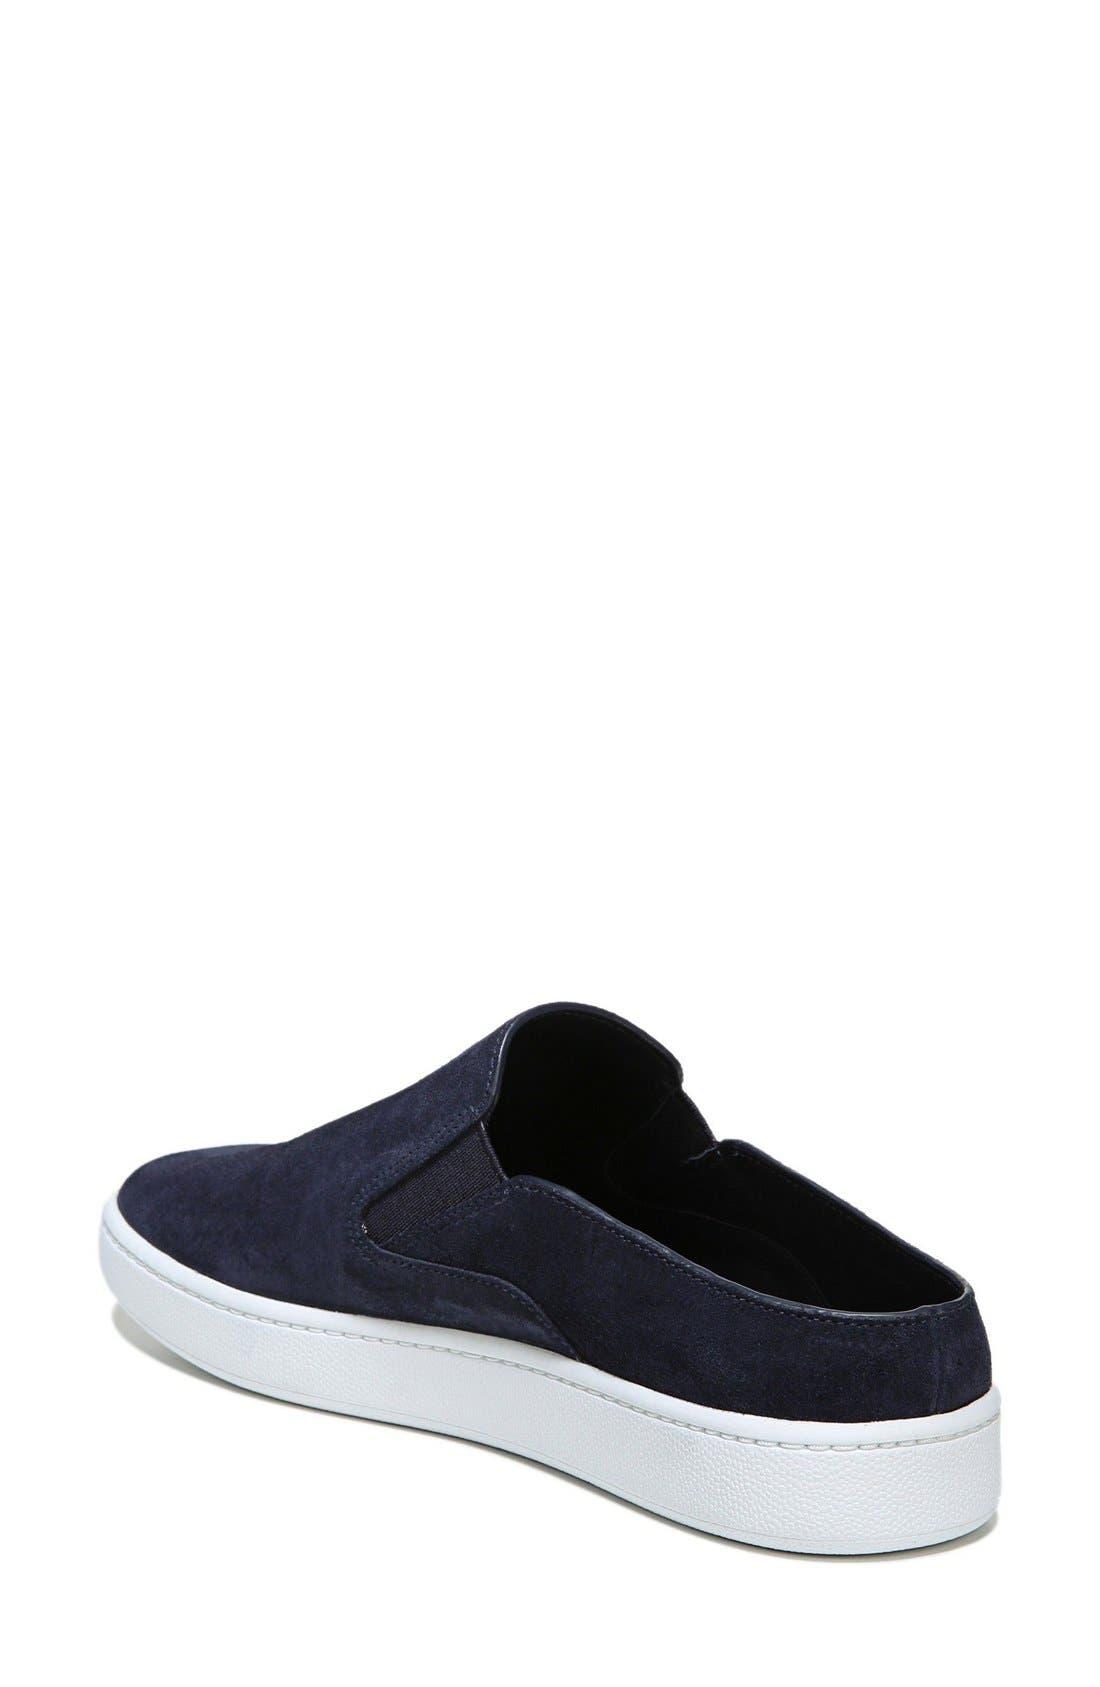 Verrell Slip-On Sneaker,                             Alternate thumbnail 30, color,